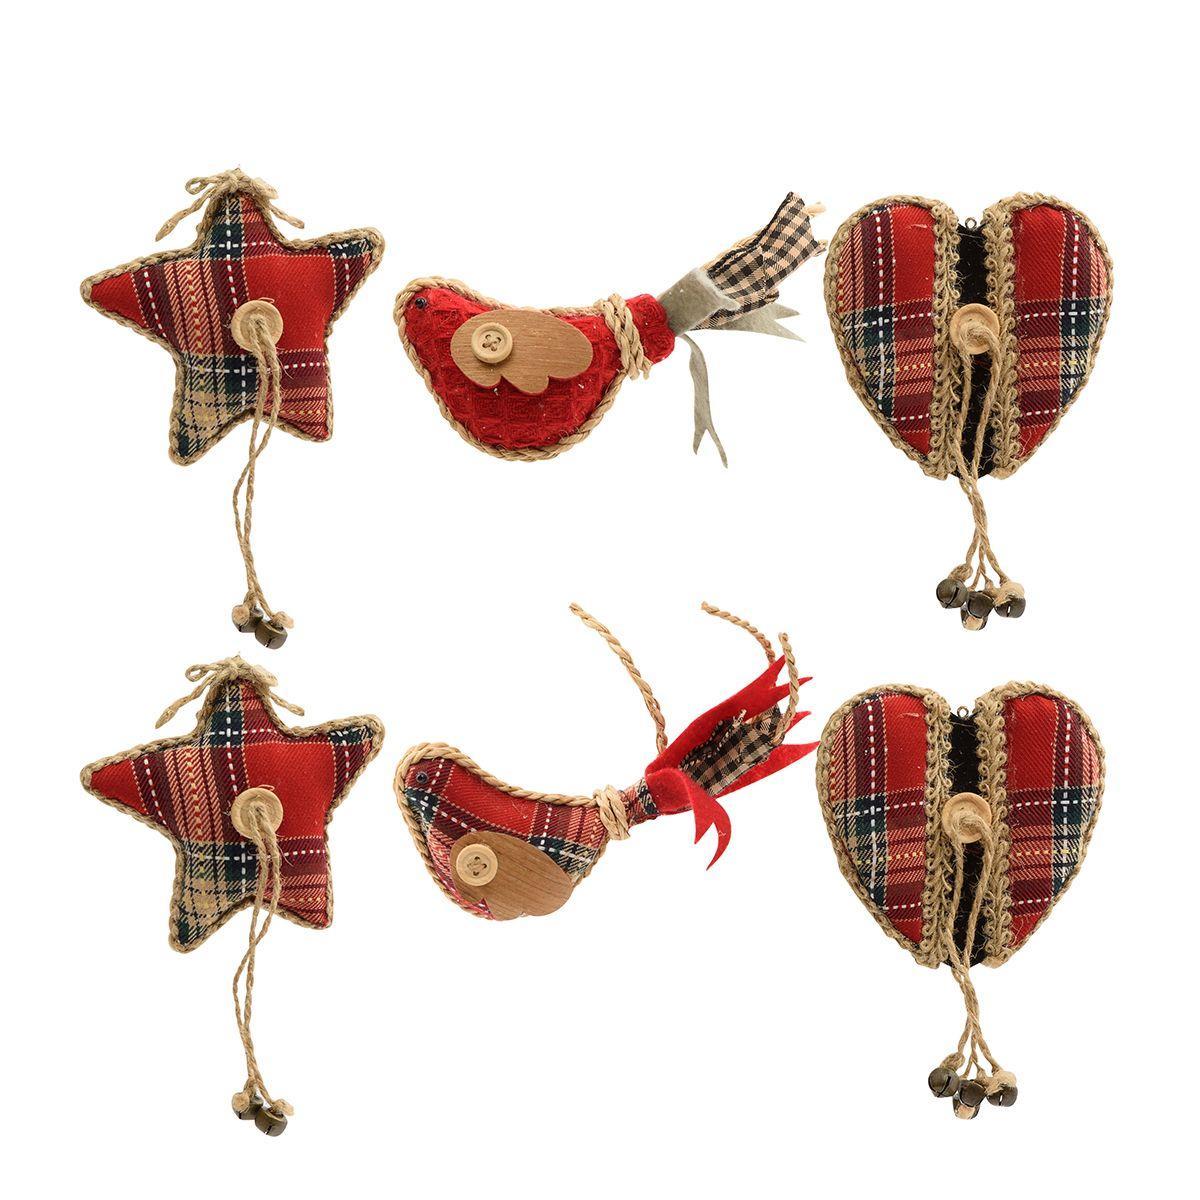 Набор из 6-ти тканых ёлочных игрушек красного цвета